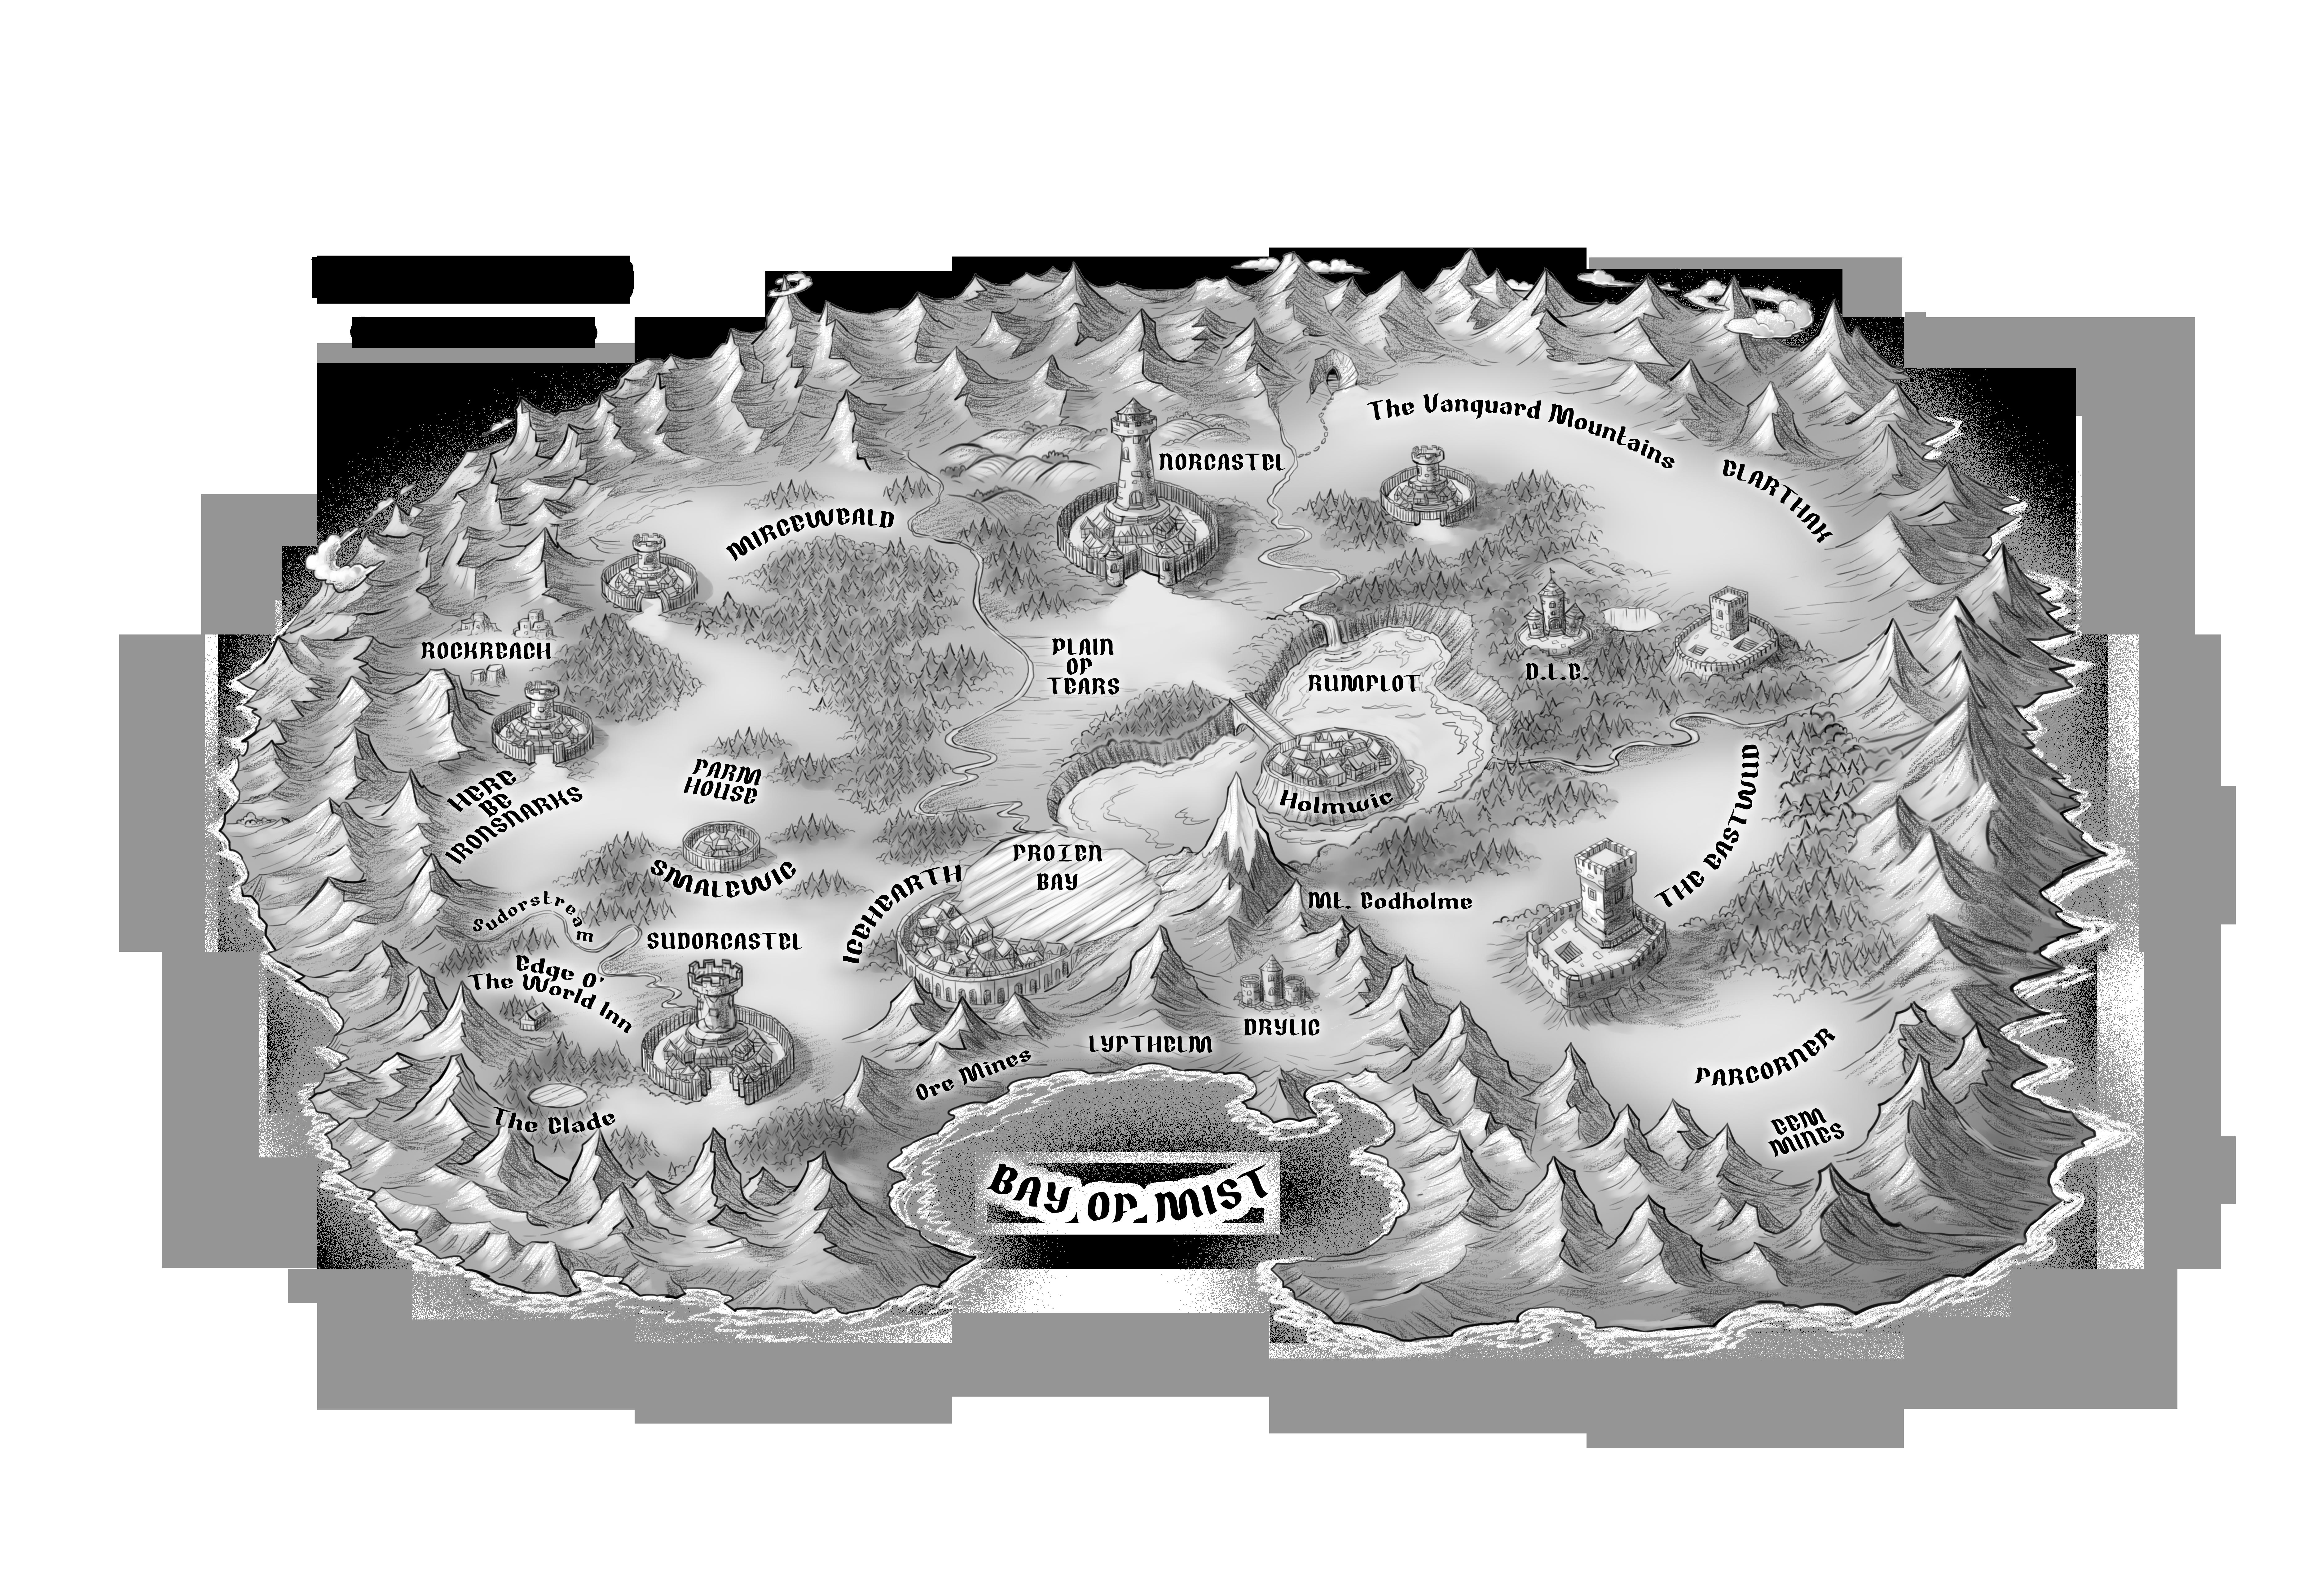 Map for a fantasy novel